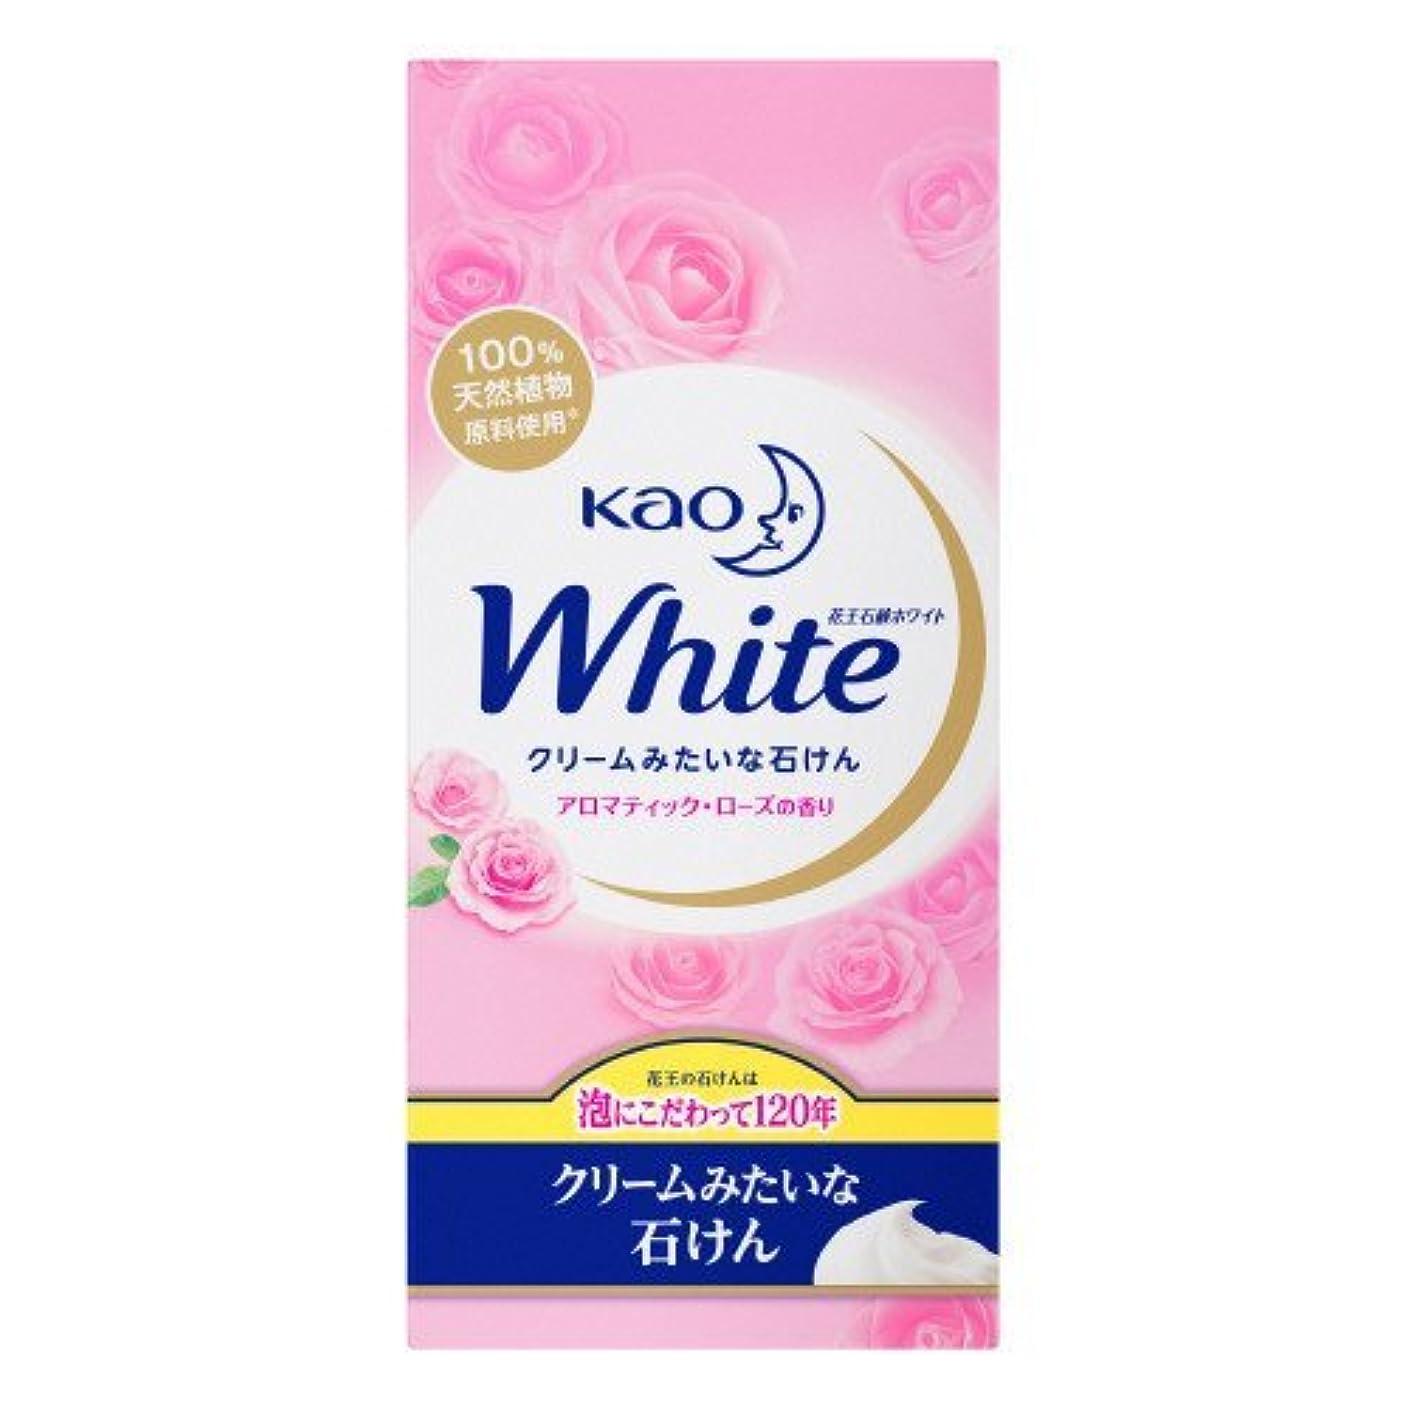 格納キッチン事件、出来事【花王】花王ホワイト アロマティックローズの香りレギュラーサイズ (85g×6個) ×20個セット